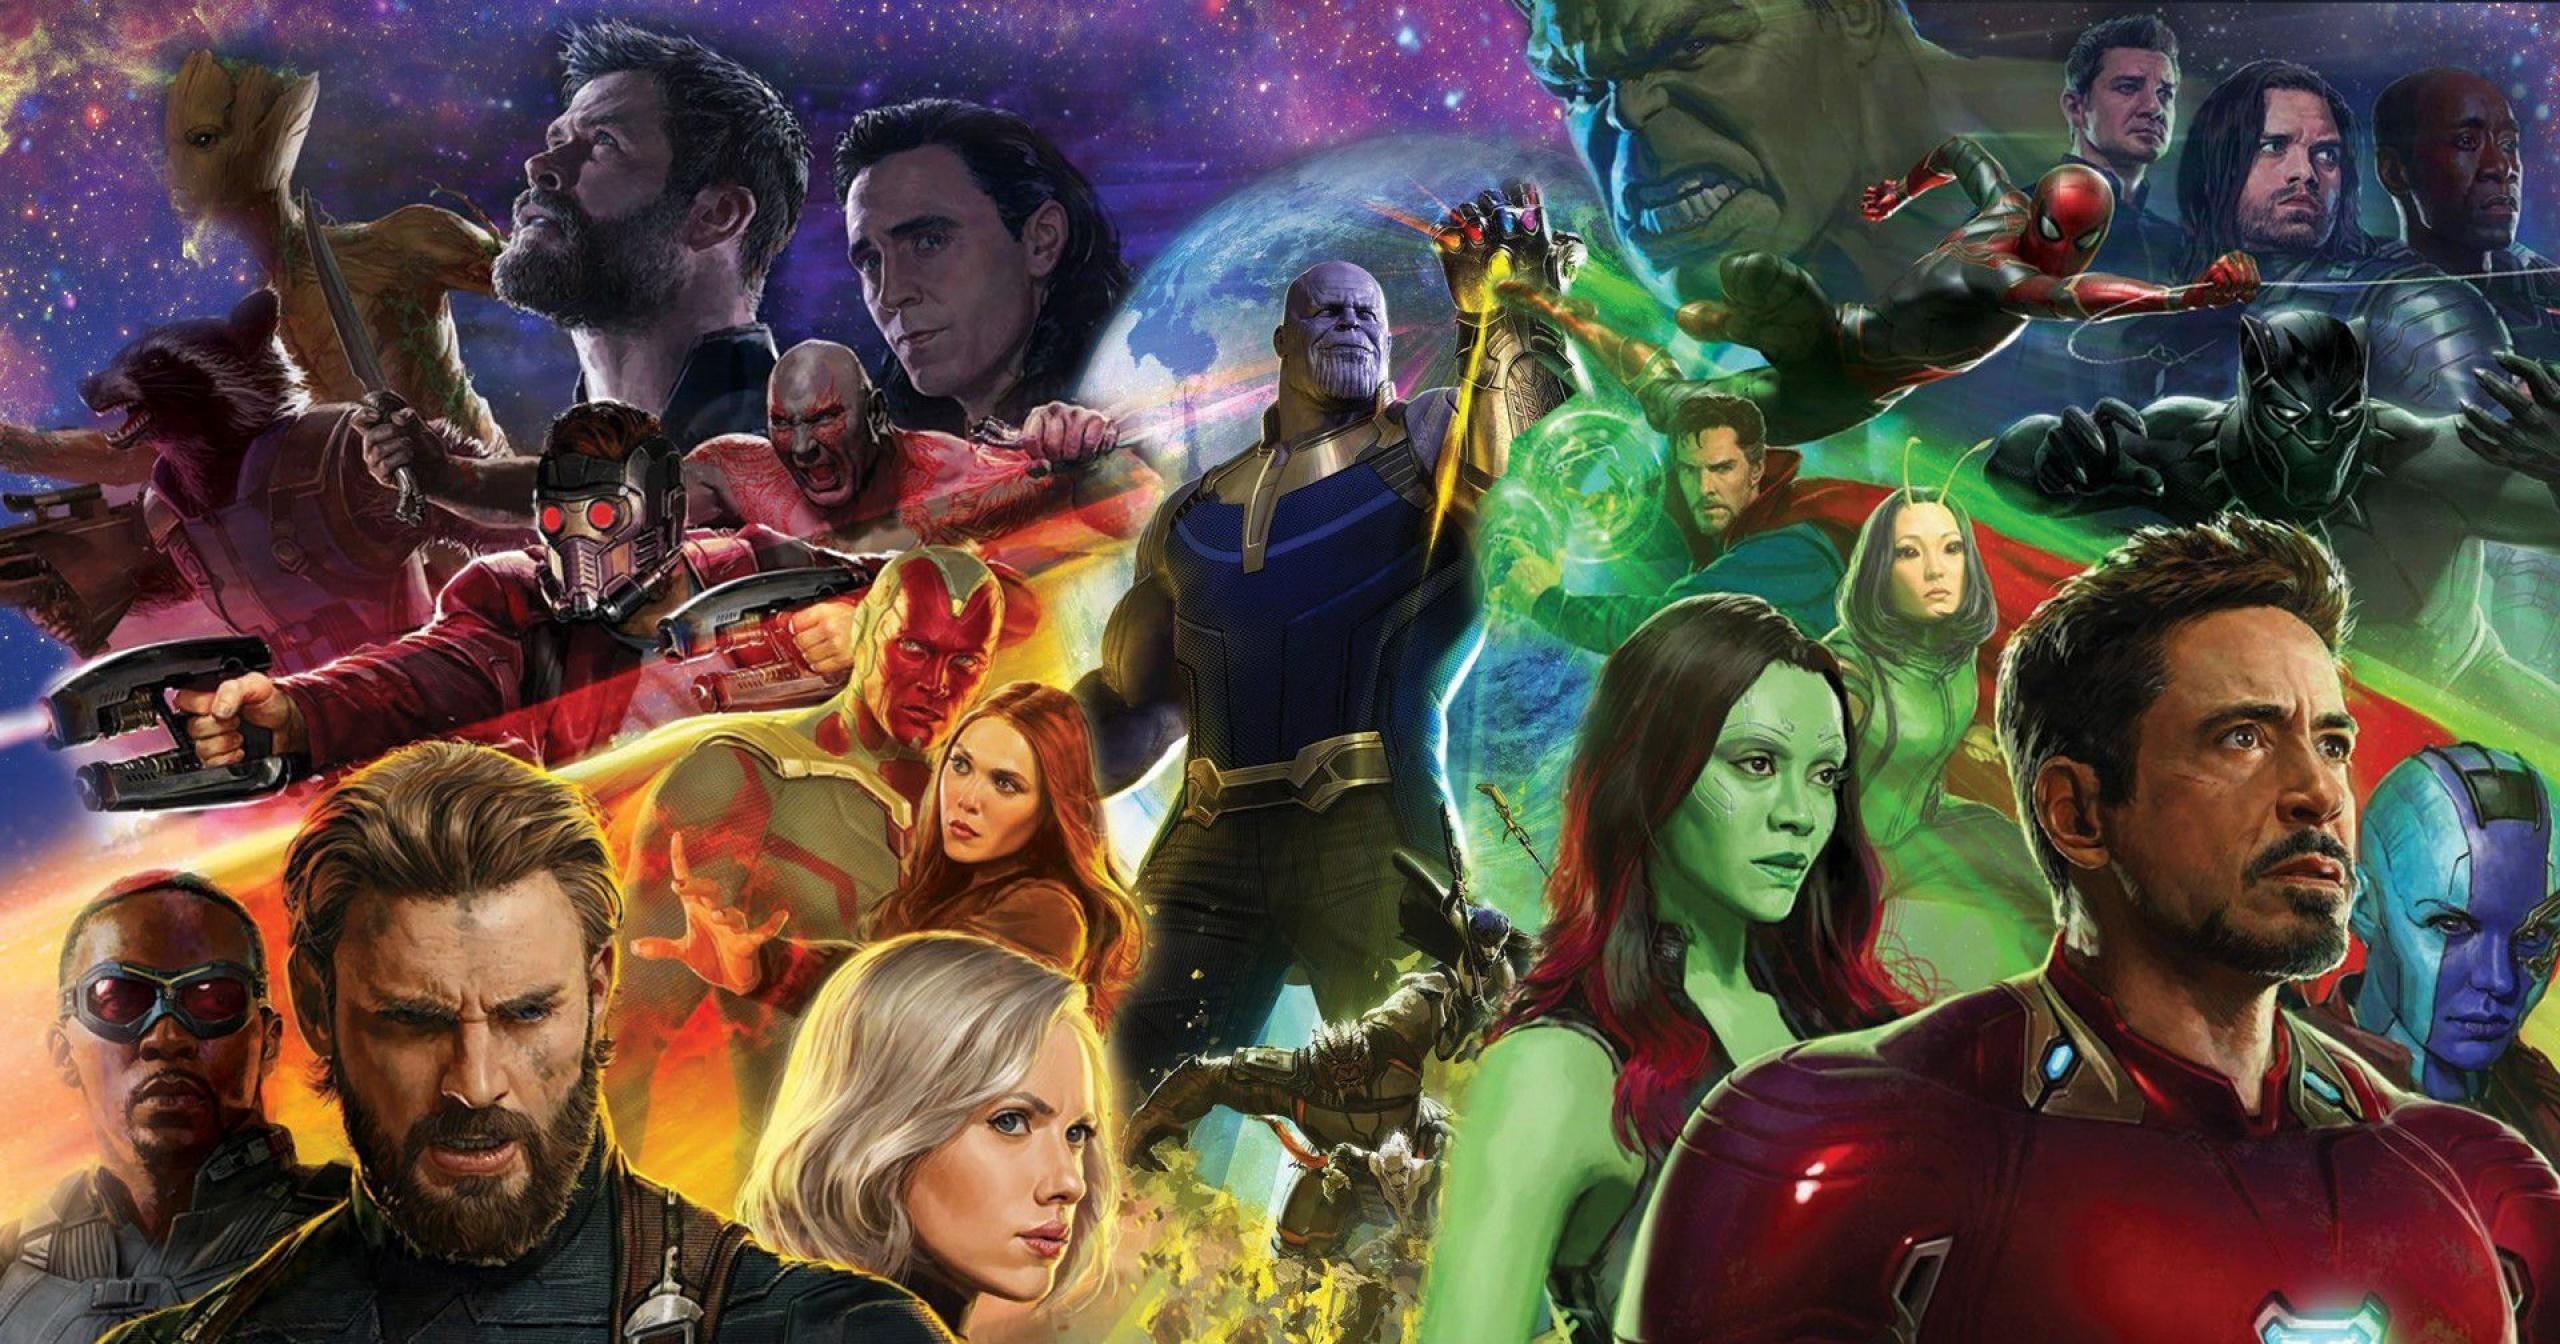 marvel-avengers-2018-movie-infinity-war.jpg